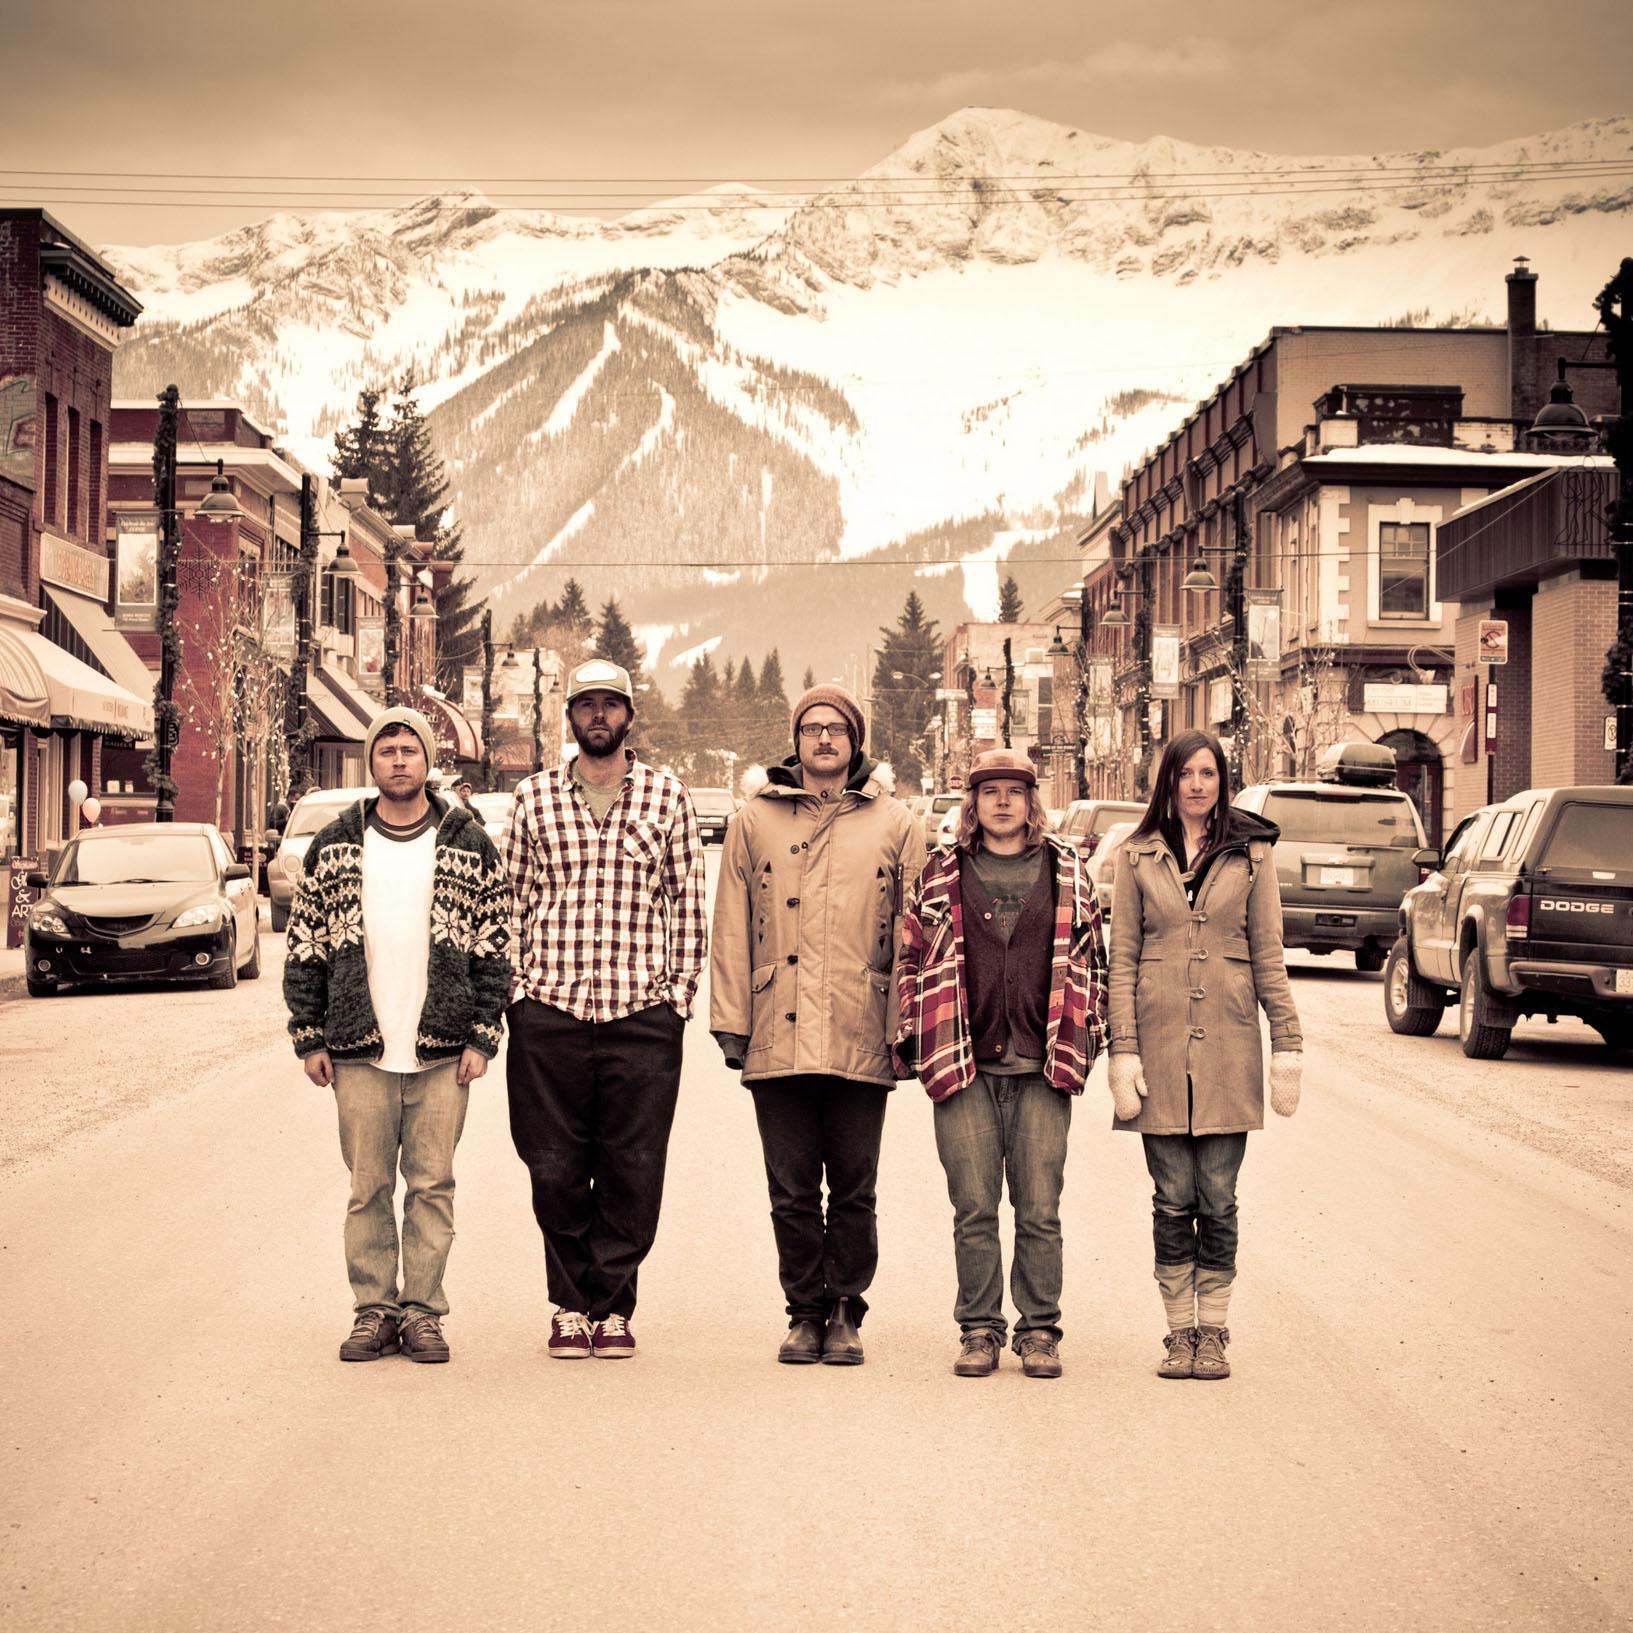 Shred Kelly - Fernie, BC